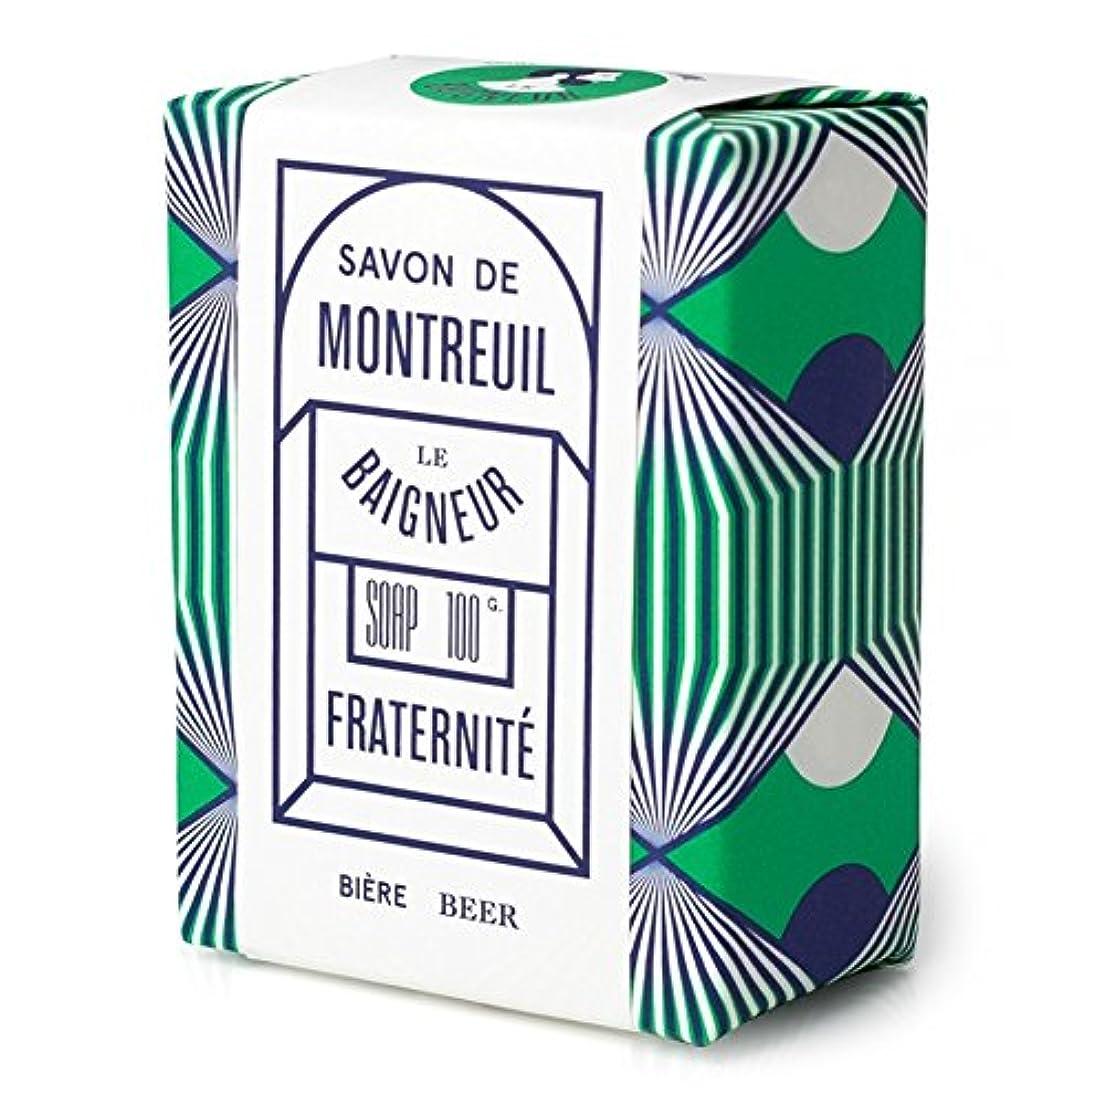 ばか相関するケイ素Le Baigneur Fraternite Soap 100g - ル 石鹸100グラム [並行輸入品]